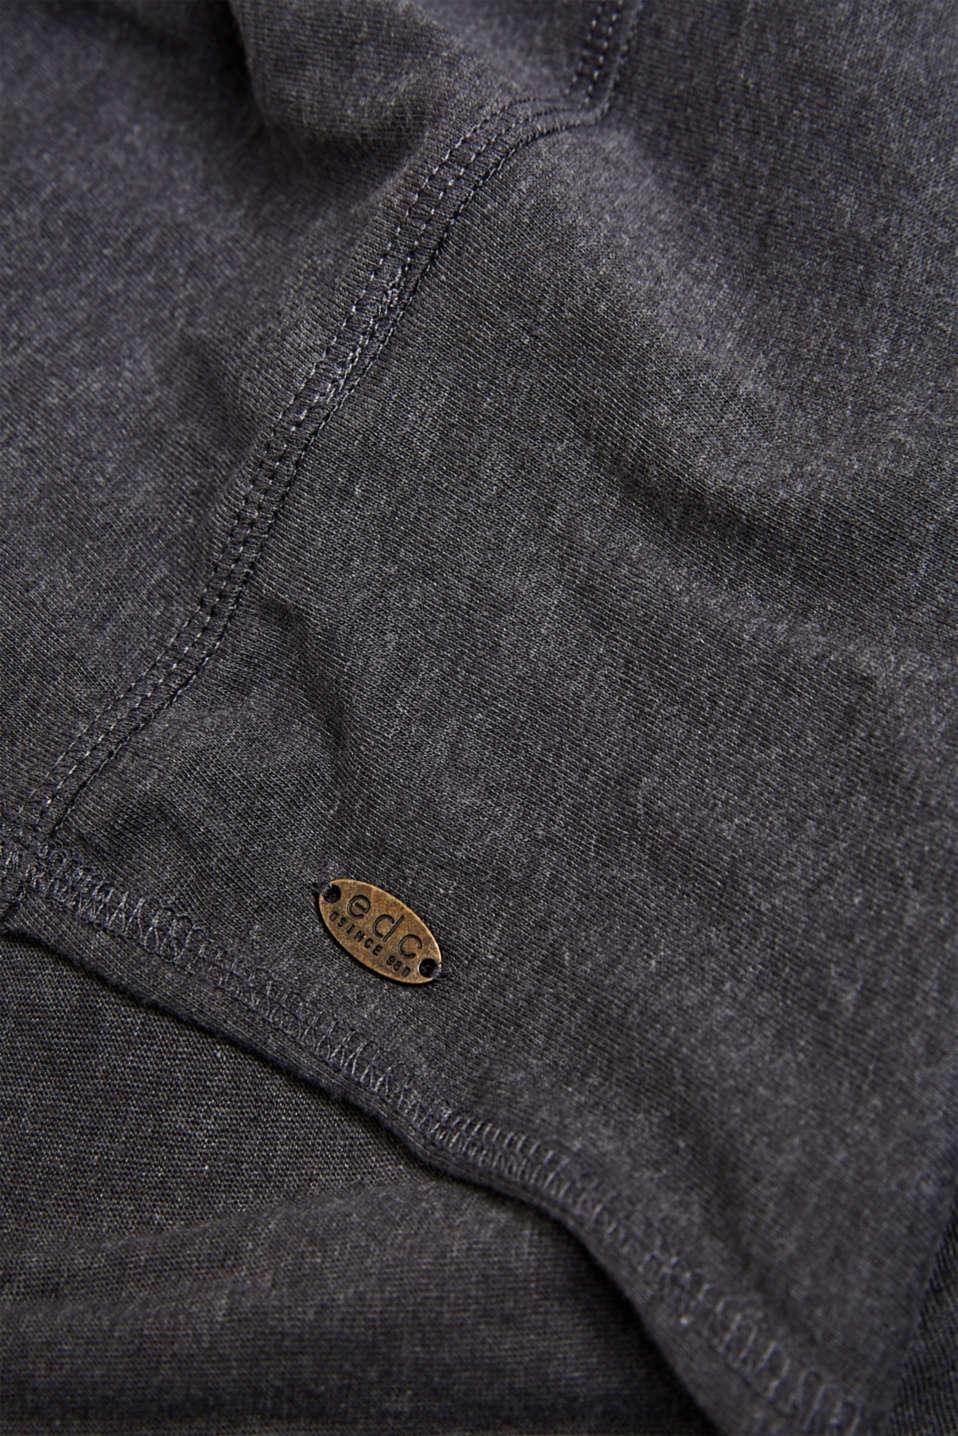 Blended cotton snood, DARK GREY, detail image number 2